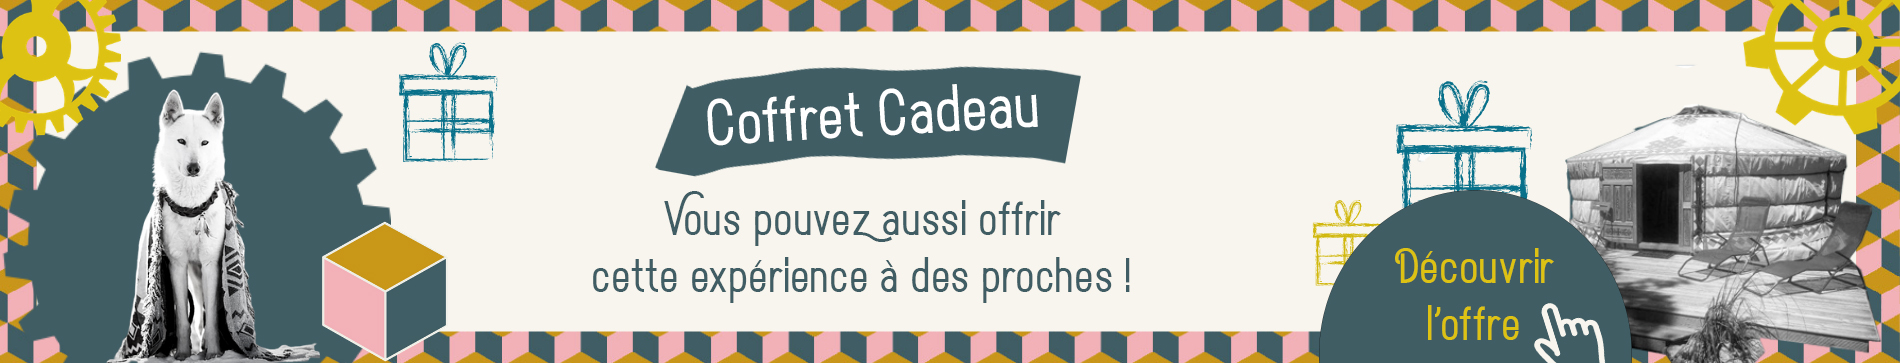 Family_Time_Factory_Offre_Coffret_Cadeau_Husky